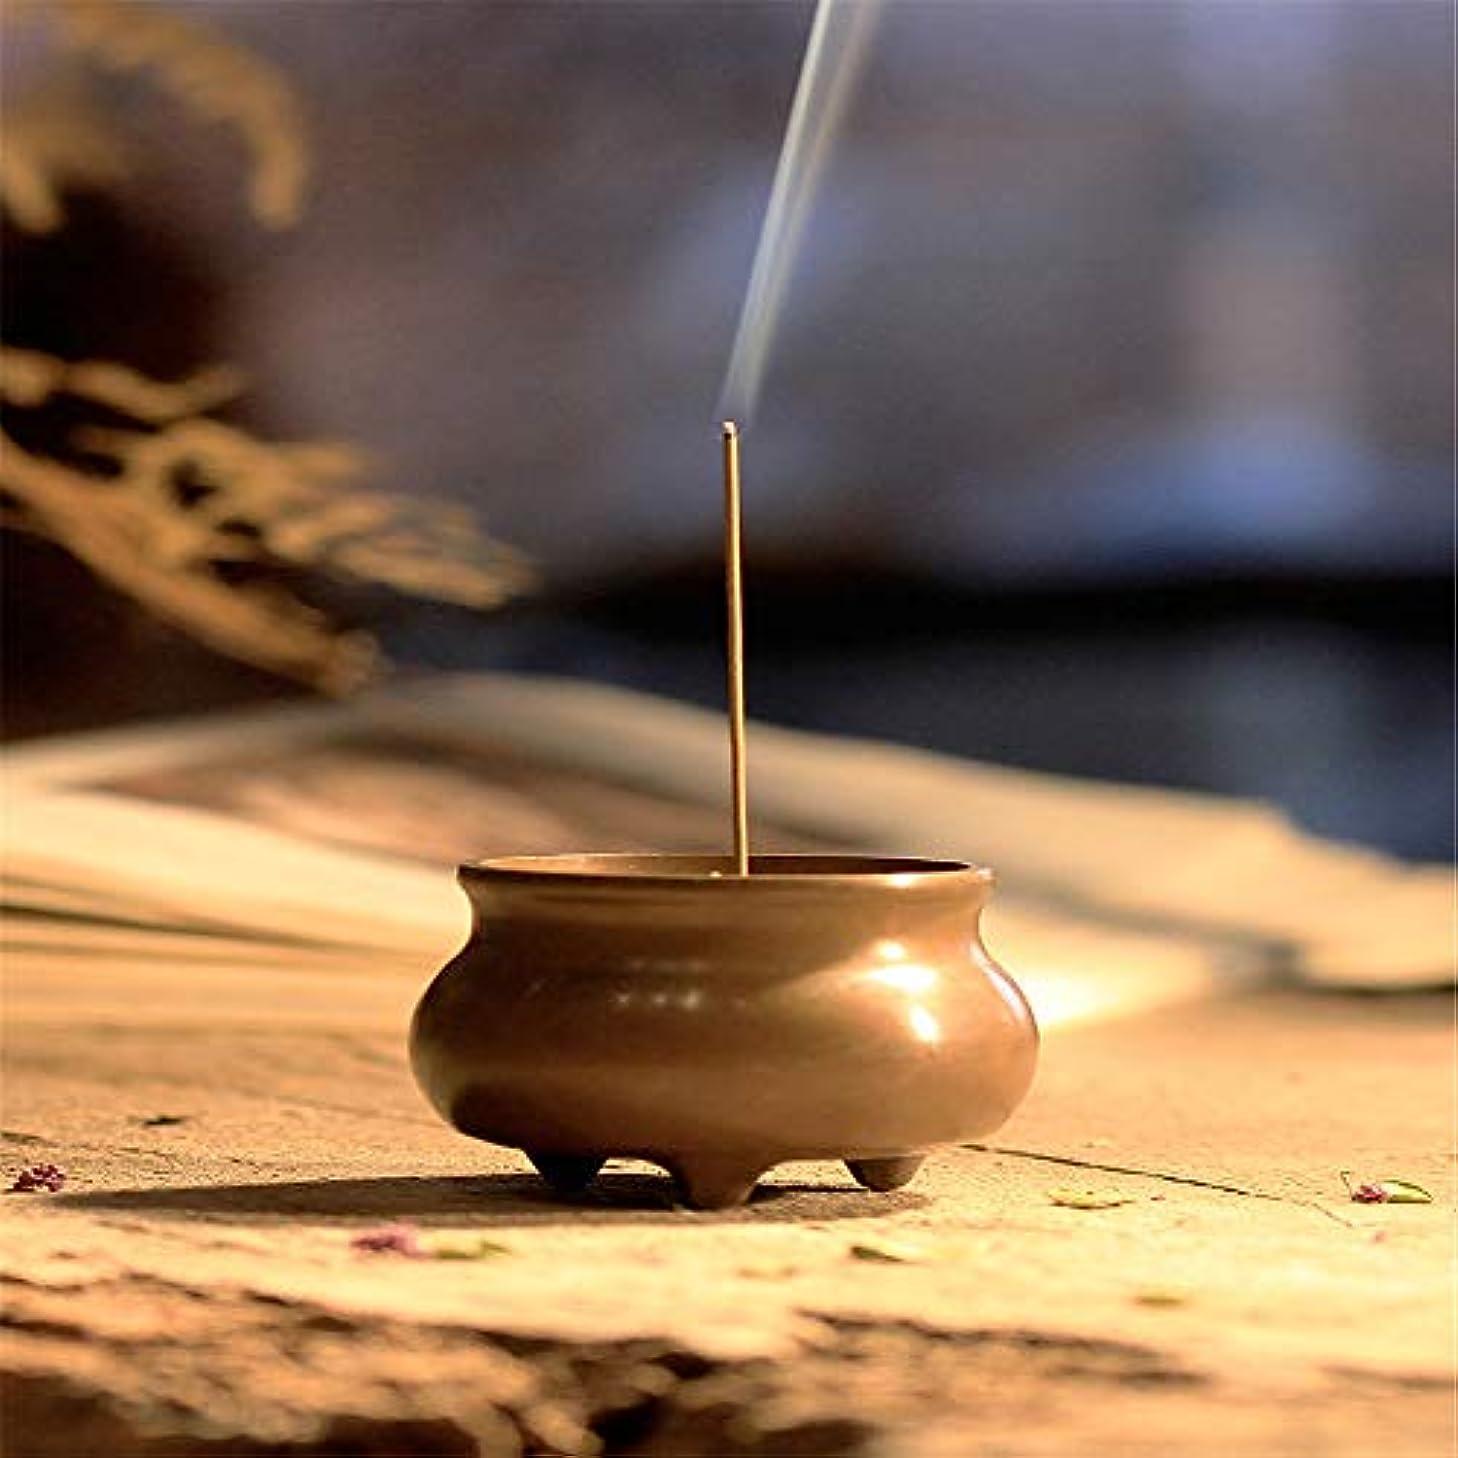 かわいらしいタクシー一族ミニ家庭用銅香炉寒天炉小さな銅炉ホームオフィス茶室ホーム装飾用香炉に戻る4.8 * 3.8 * 3.6 cm